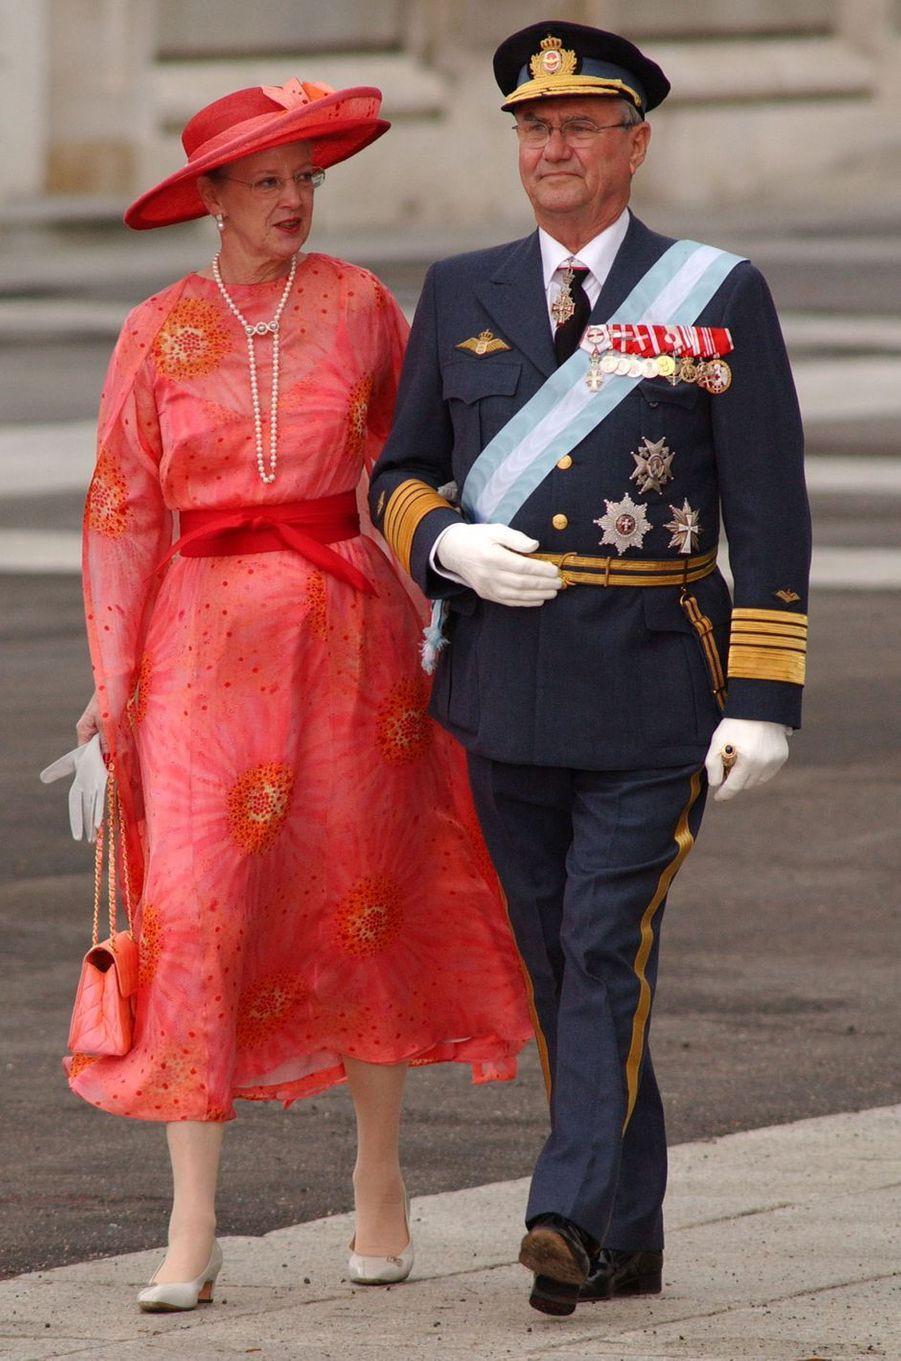 La reine Margrethe II de Danemark et le prince consort Henrik à Madrid, le 22 mai 2004